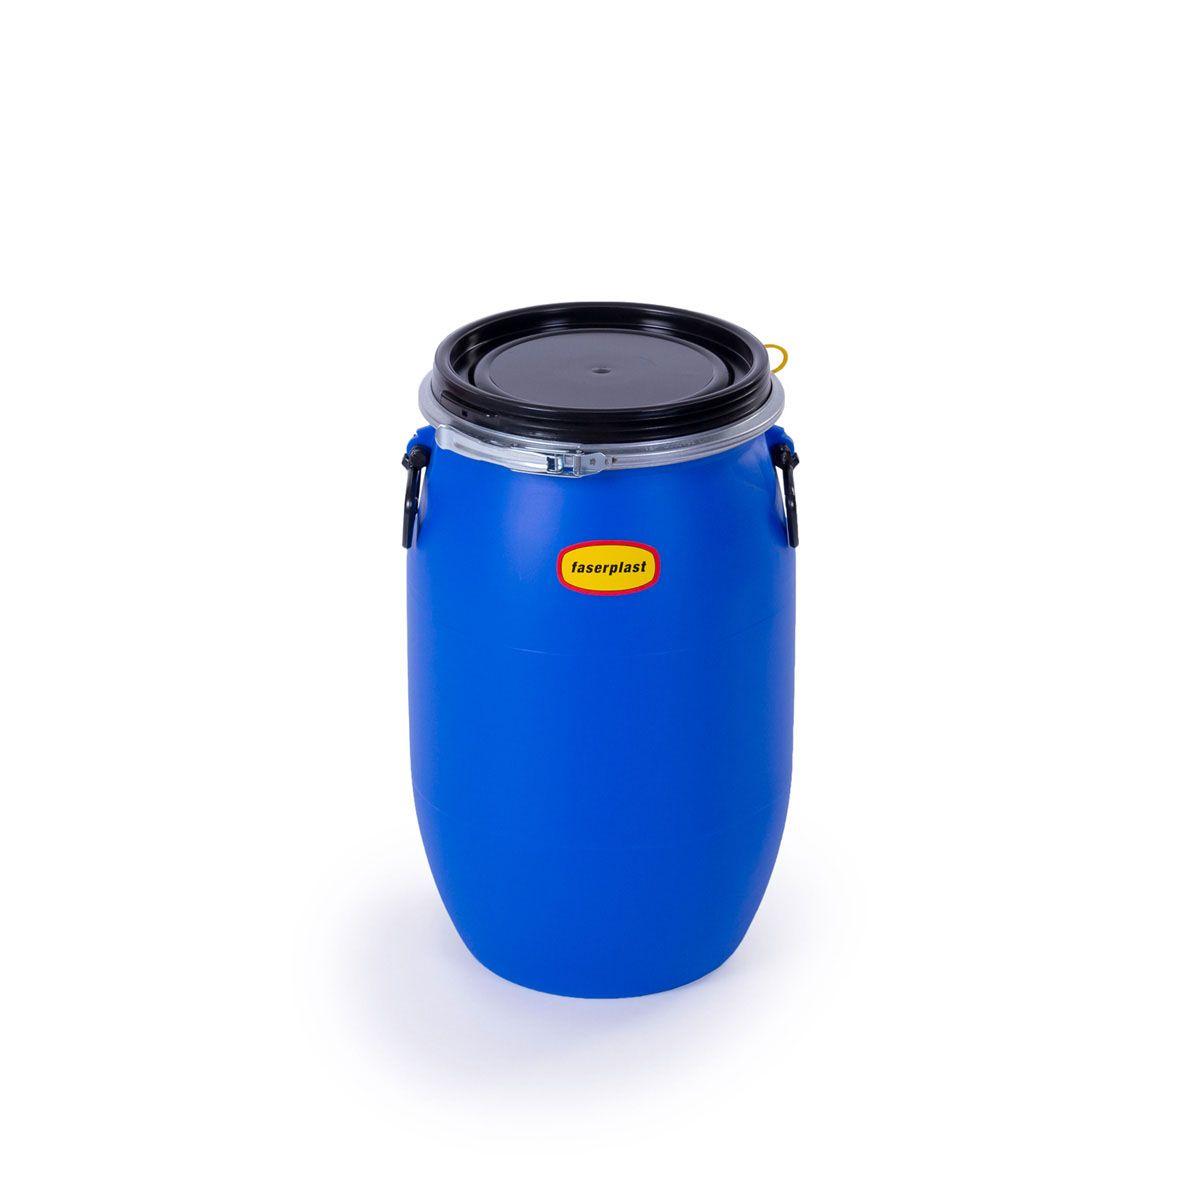 Obstfass 30, aus PE-HD, blau, rund, 30 l, 320 x 530 mm